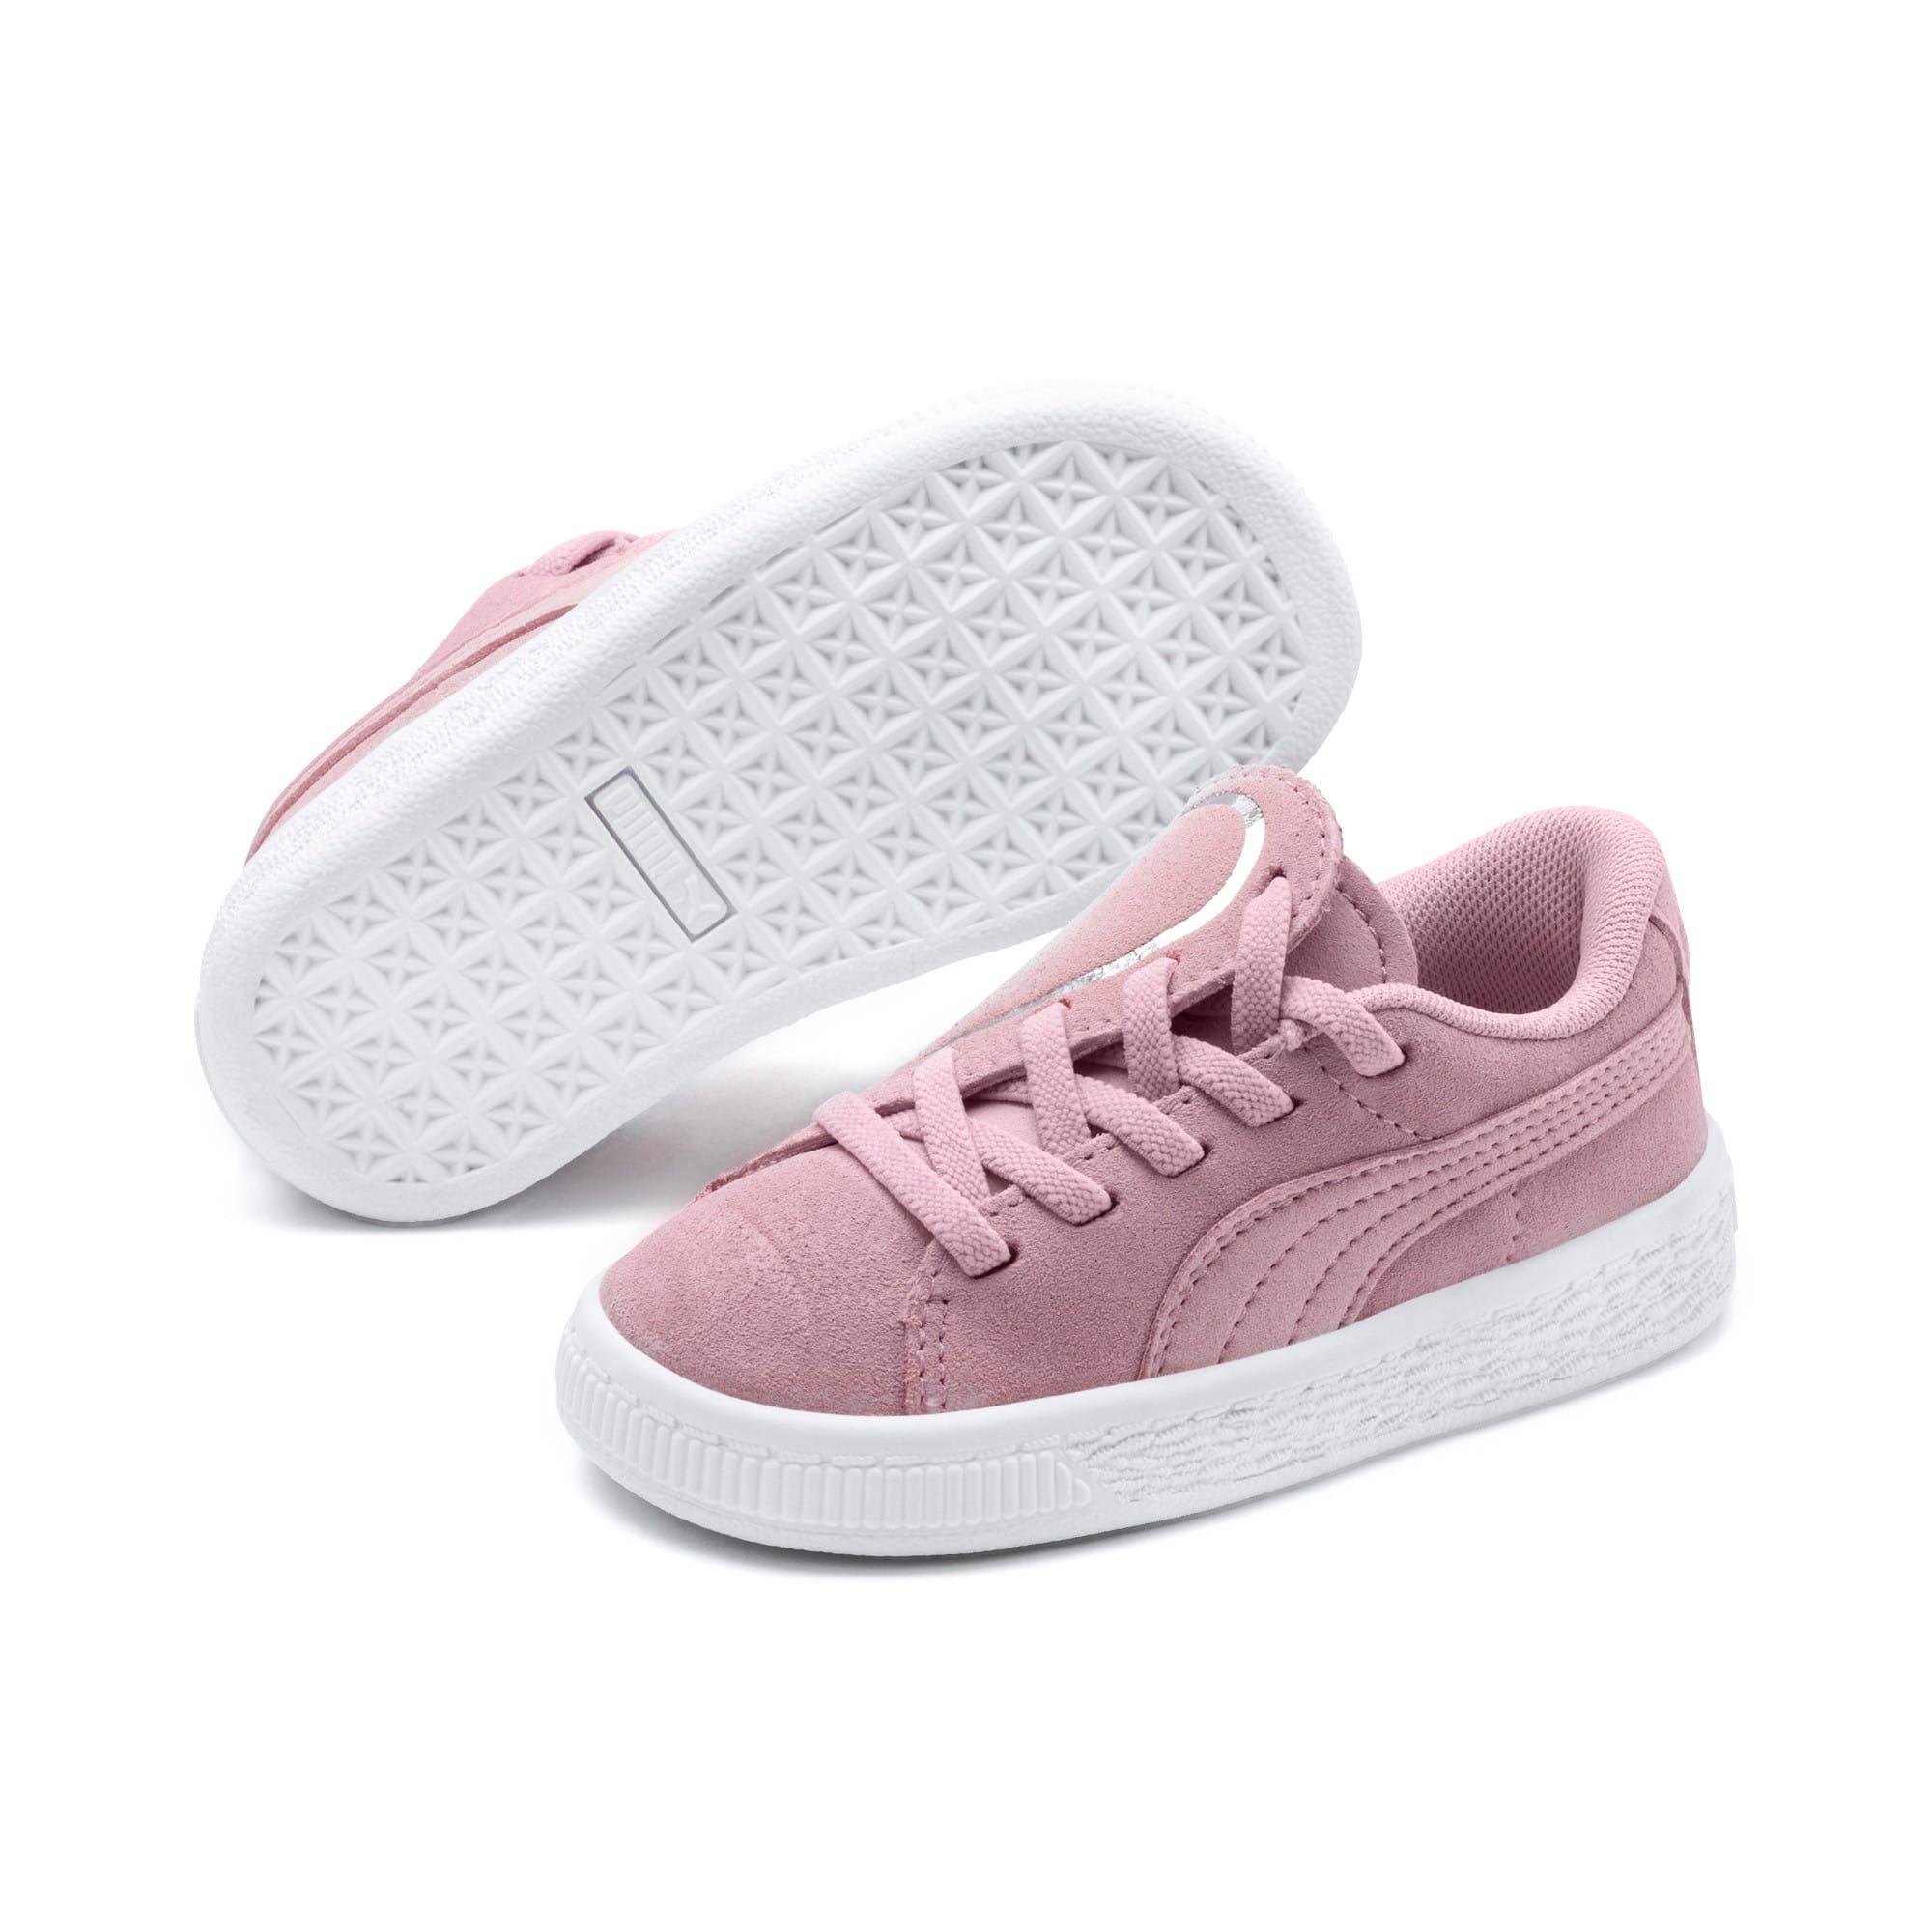 Miniatura 2 de Zapatos Suede Crush AC para niños pequeños, Pale Pink-Puma Silver, mediano